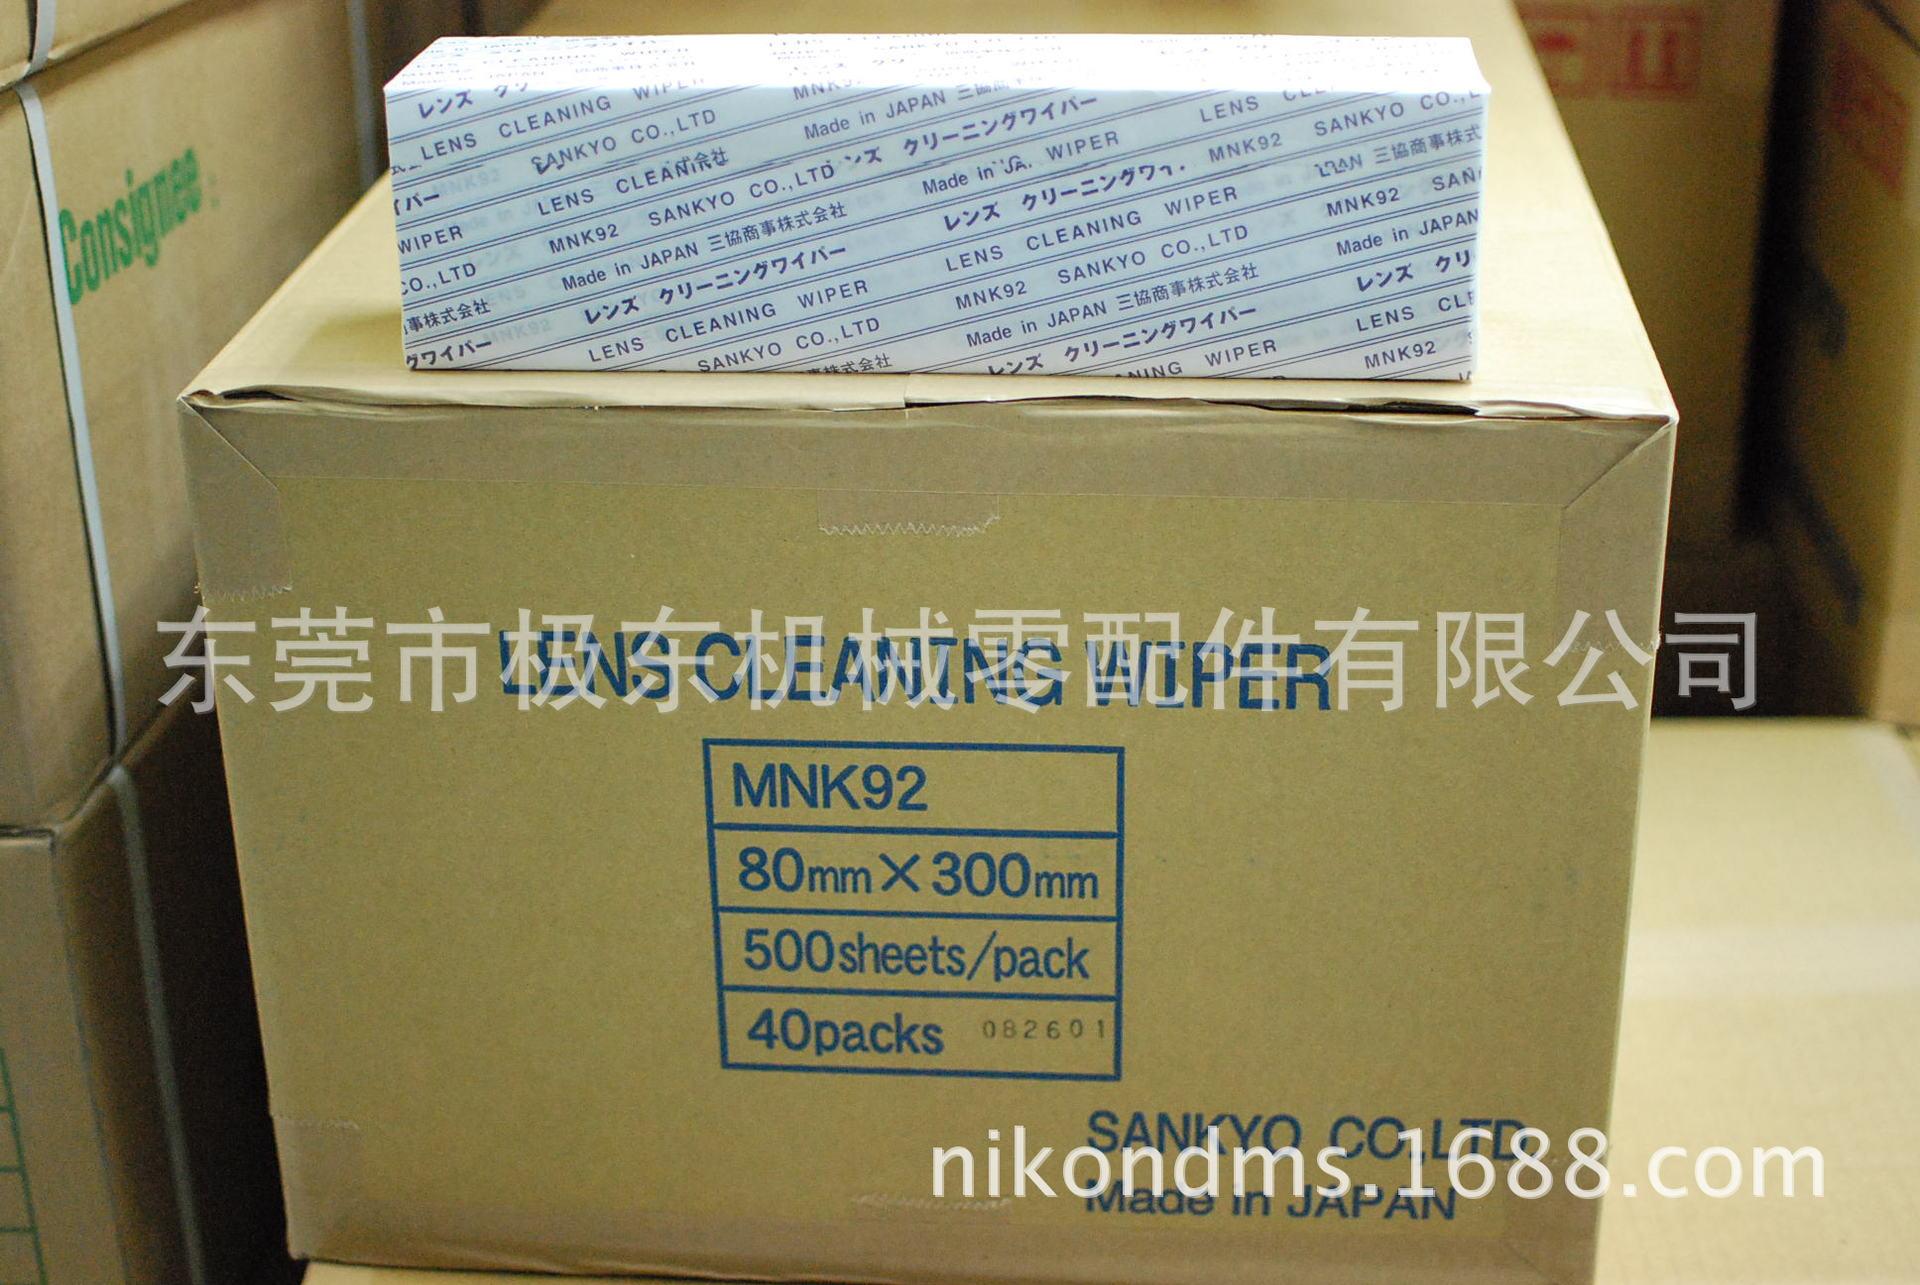 供应日本三协 MNK92 镜片擦拭纸